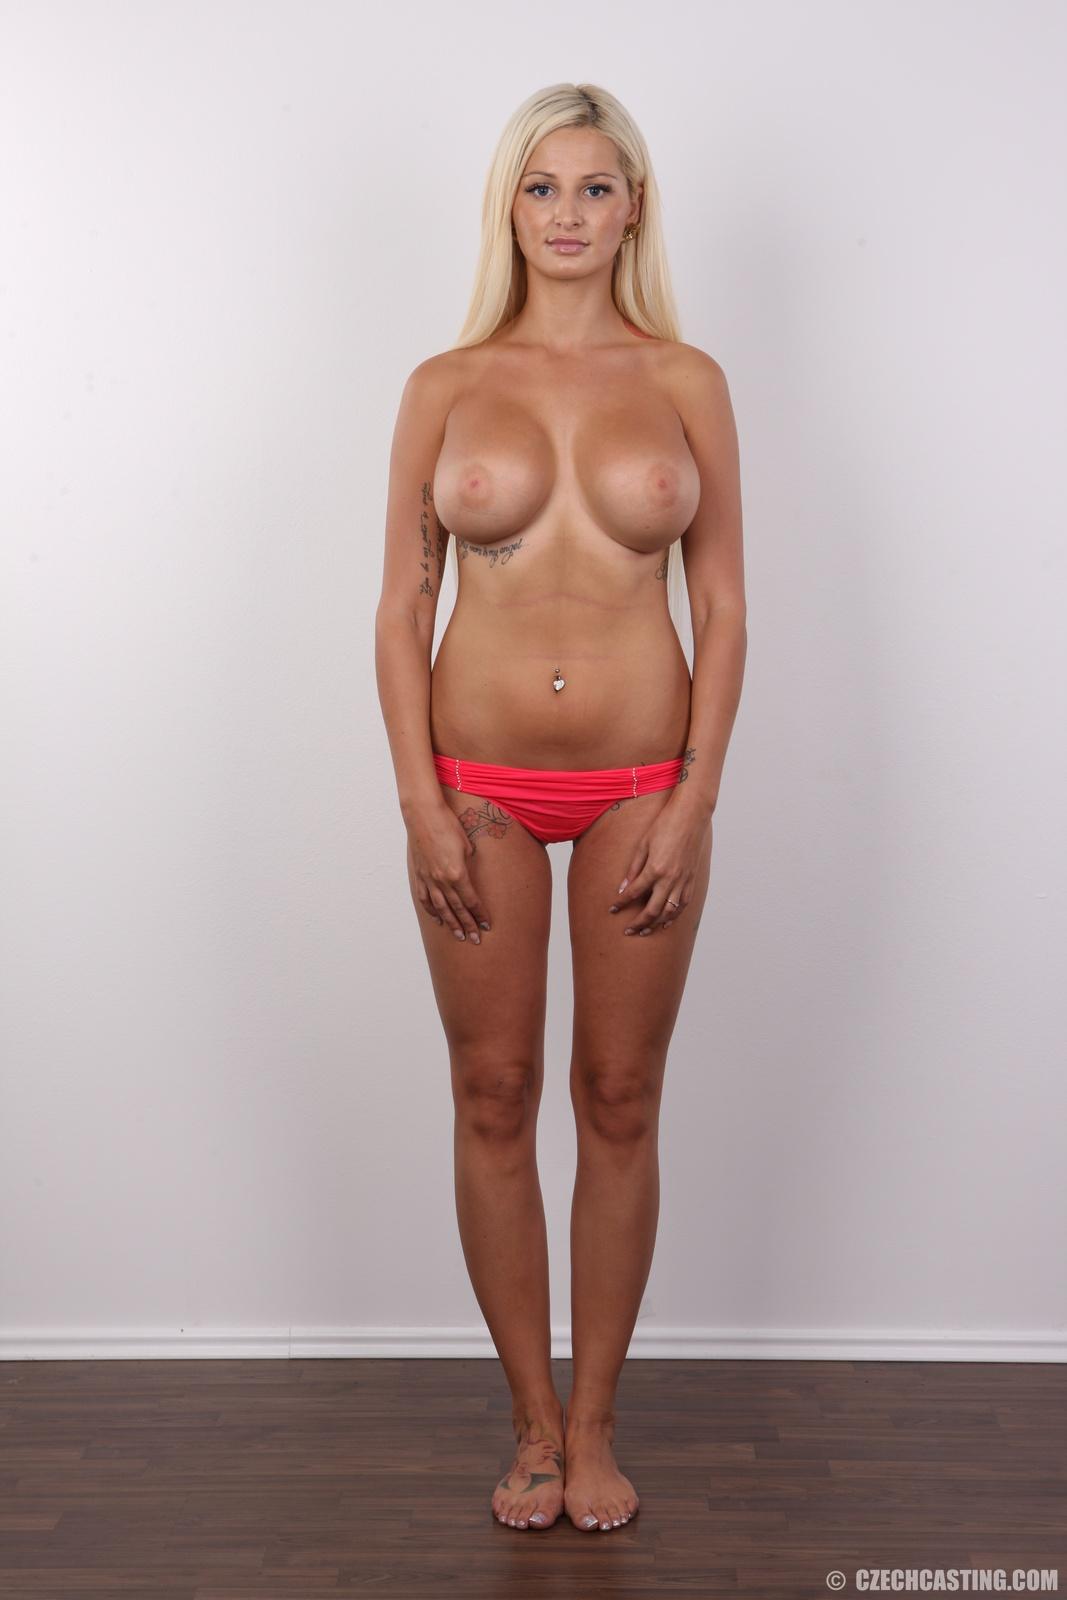 nejlepší pornofilmy czech amateur porn